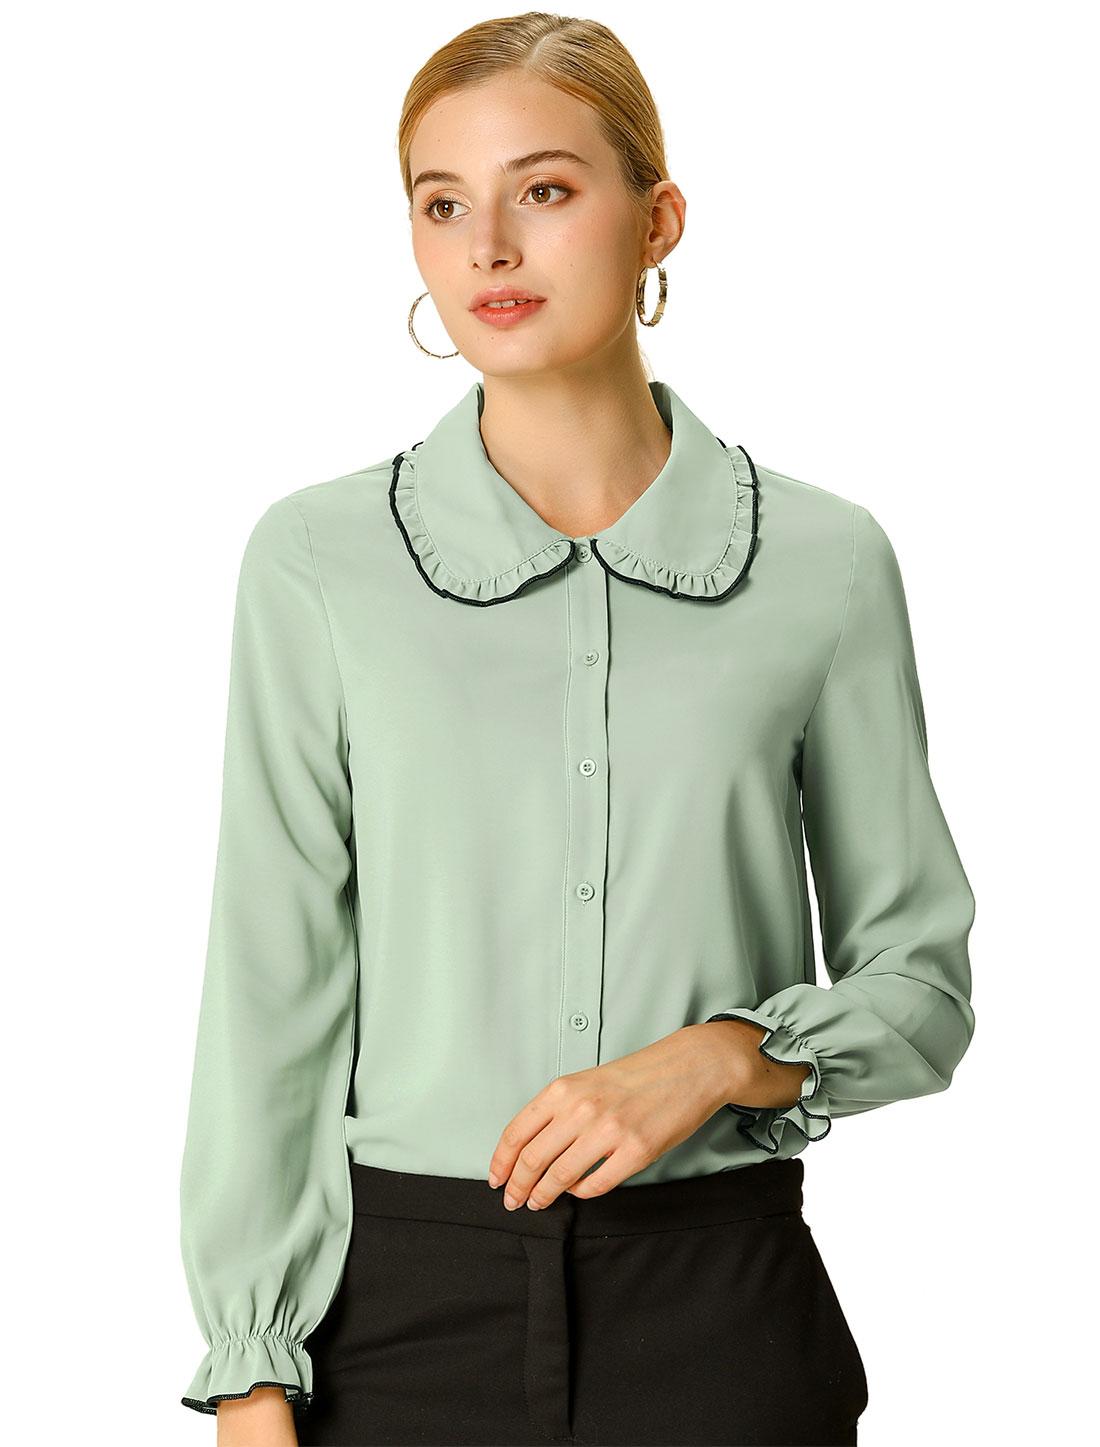 Women's Sweet Ruffle Peter Pan Collar Long Sleeves Button Up Shirt Green L